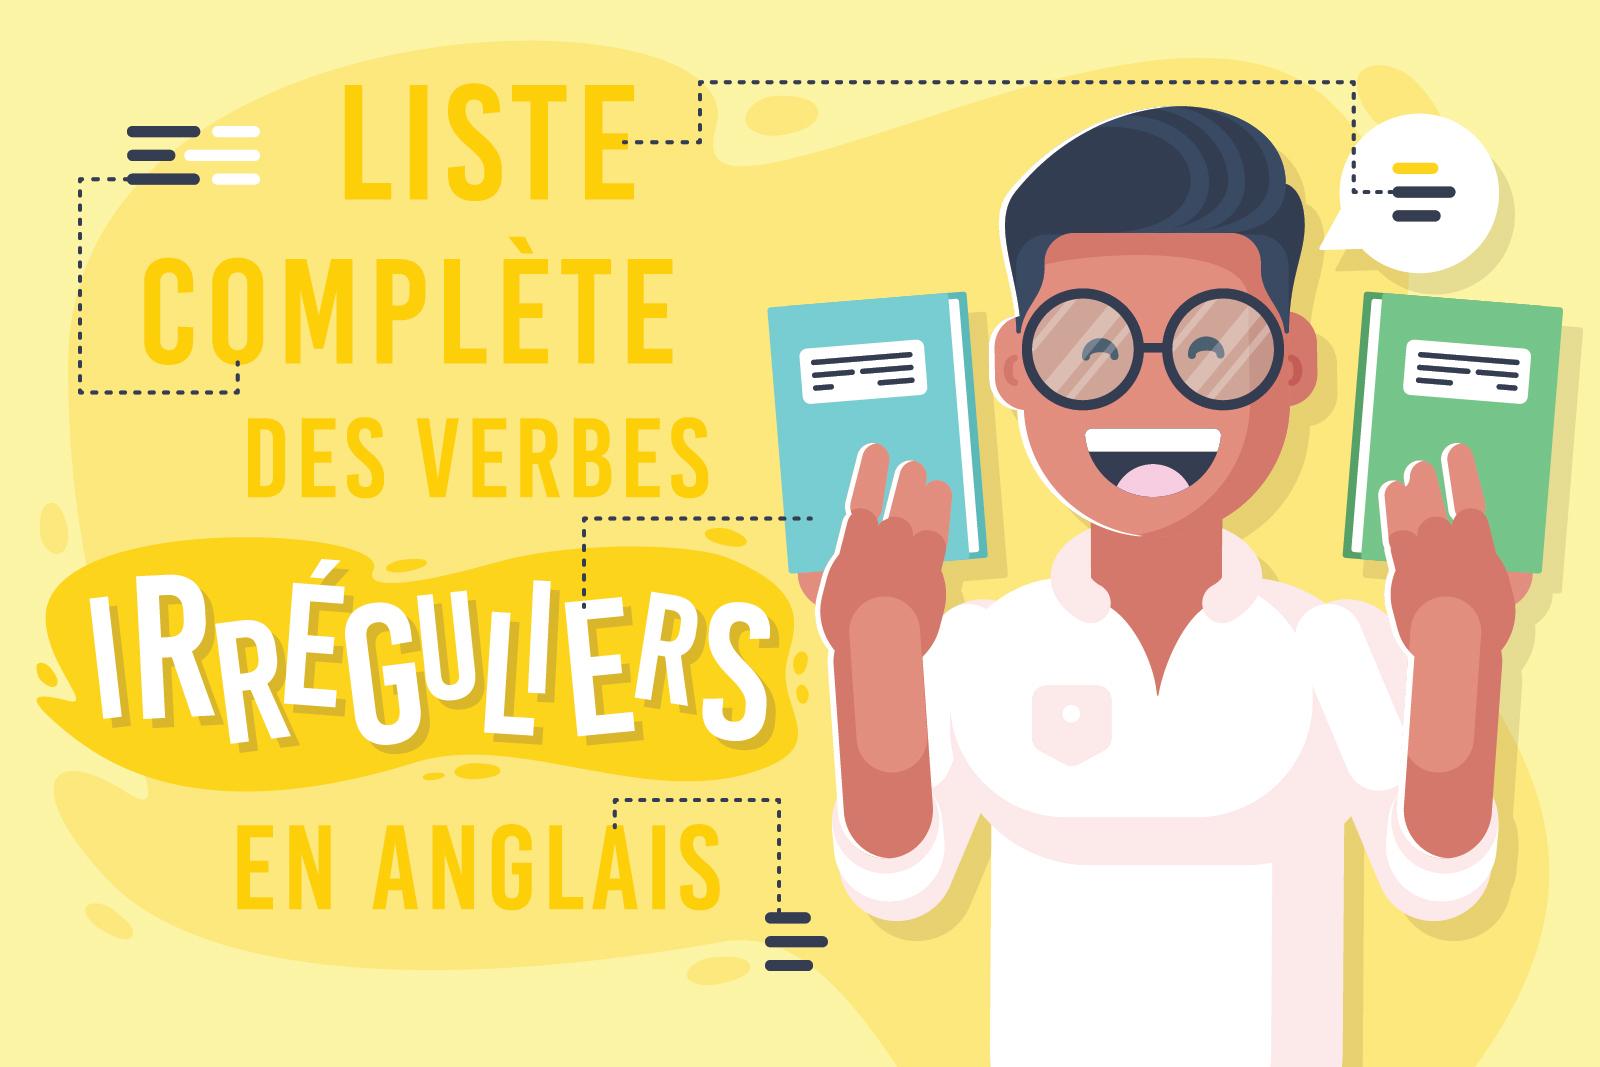 Liste Complète Des Verbes Irréguliers En Anglais dedans Verbe Moudre À L Imparfait